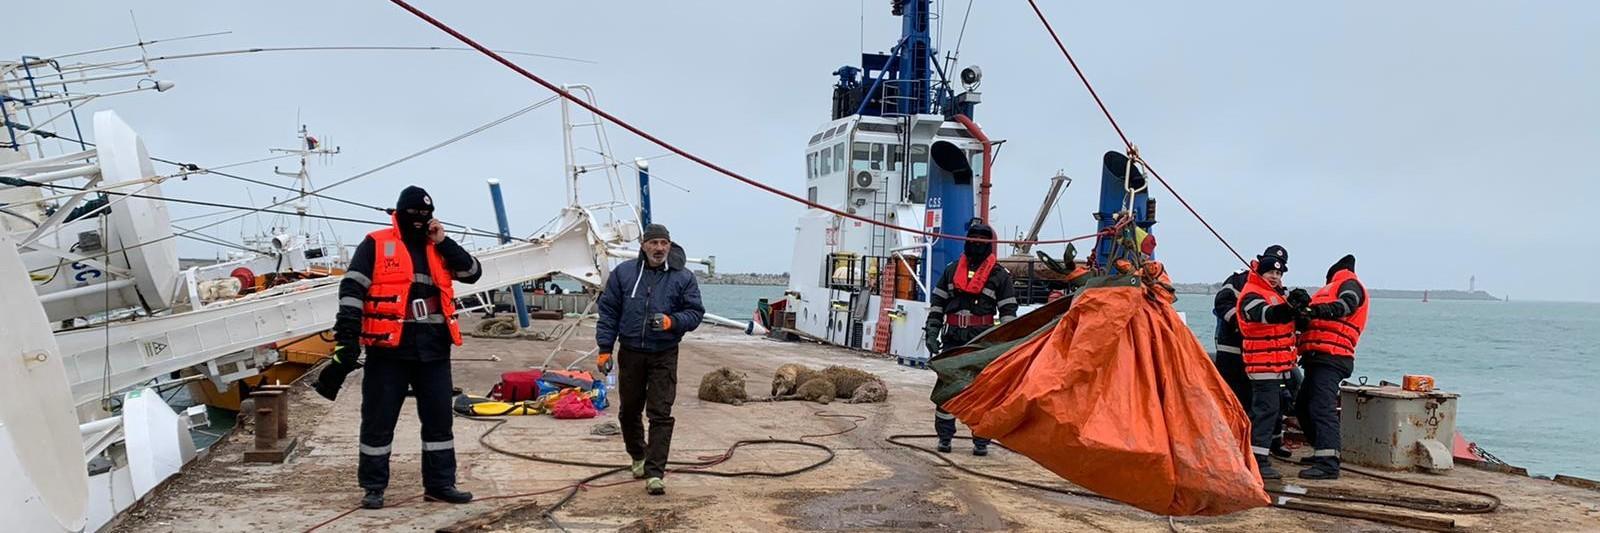 Rescue team at capsized